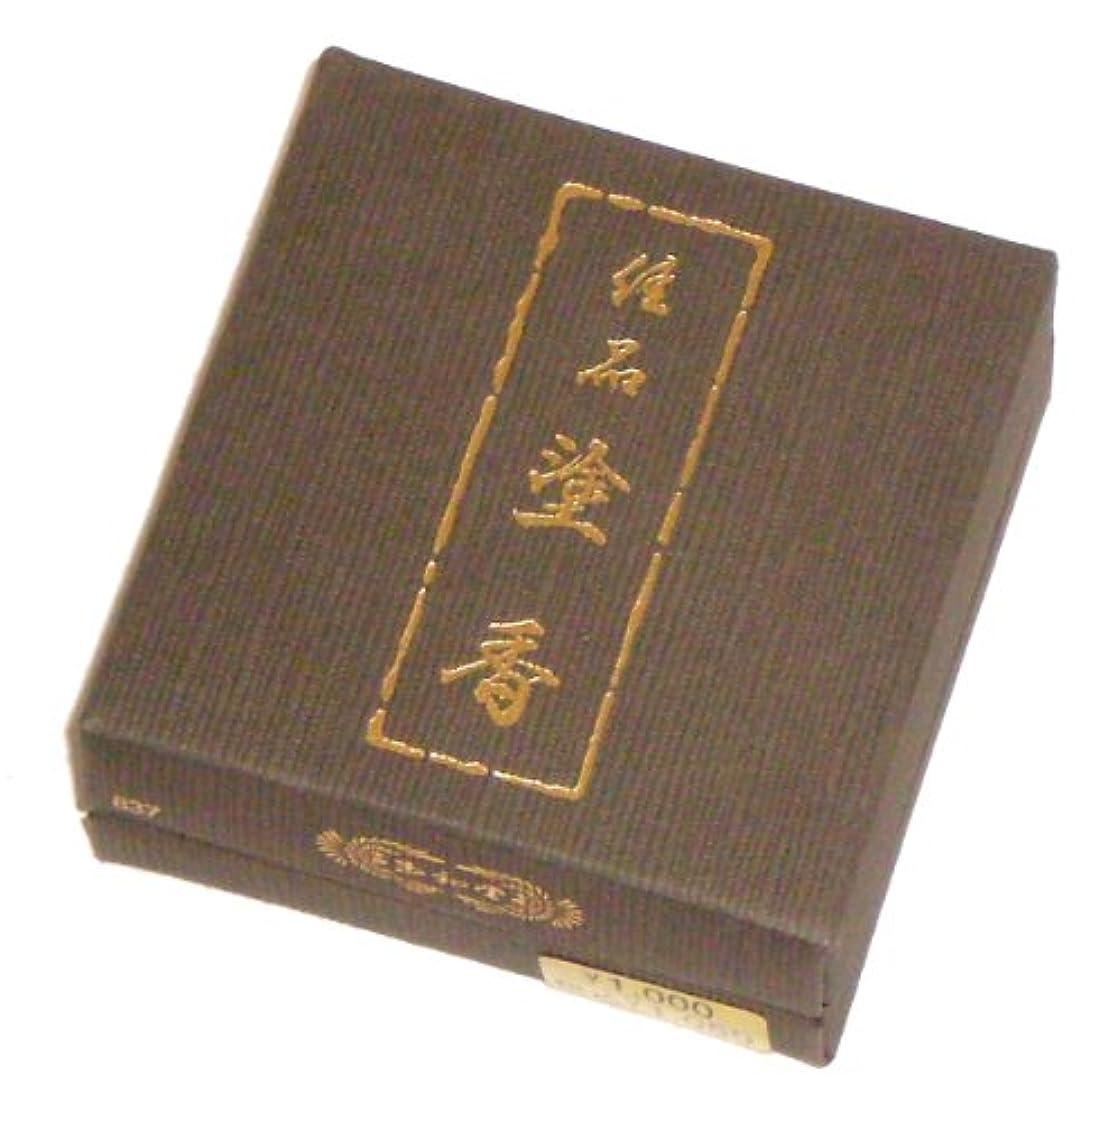 脱臼する夕食を作る忠実玉初堂のお香 佳品塗香 15g 紙箱 #837